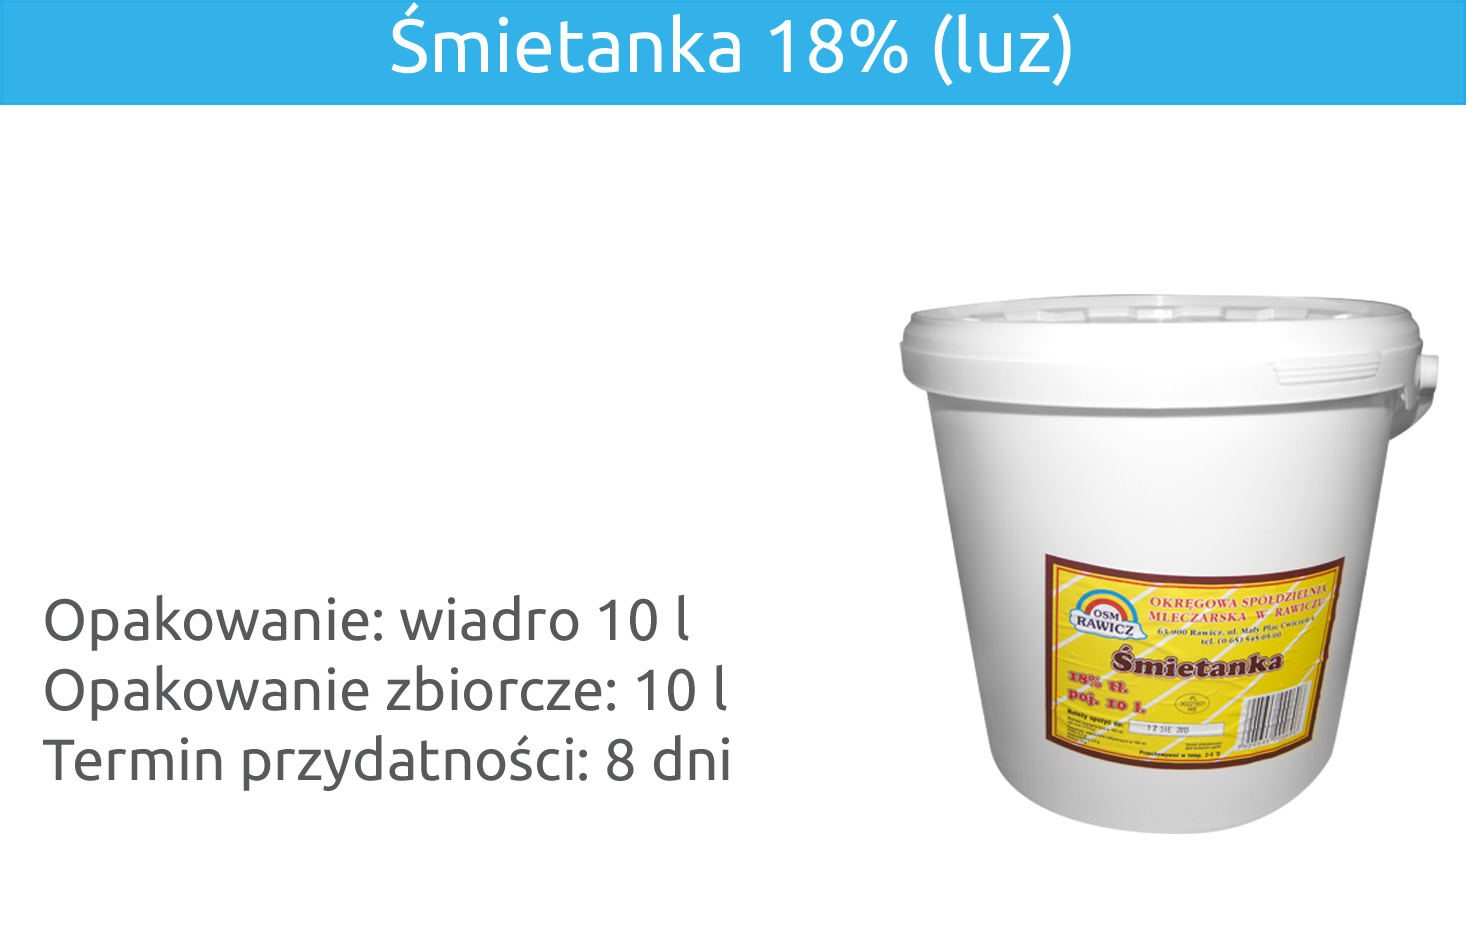 Śmietanka 18% (luz)